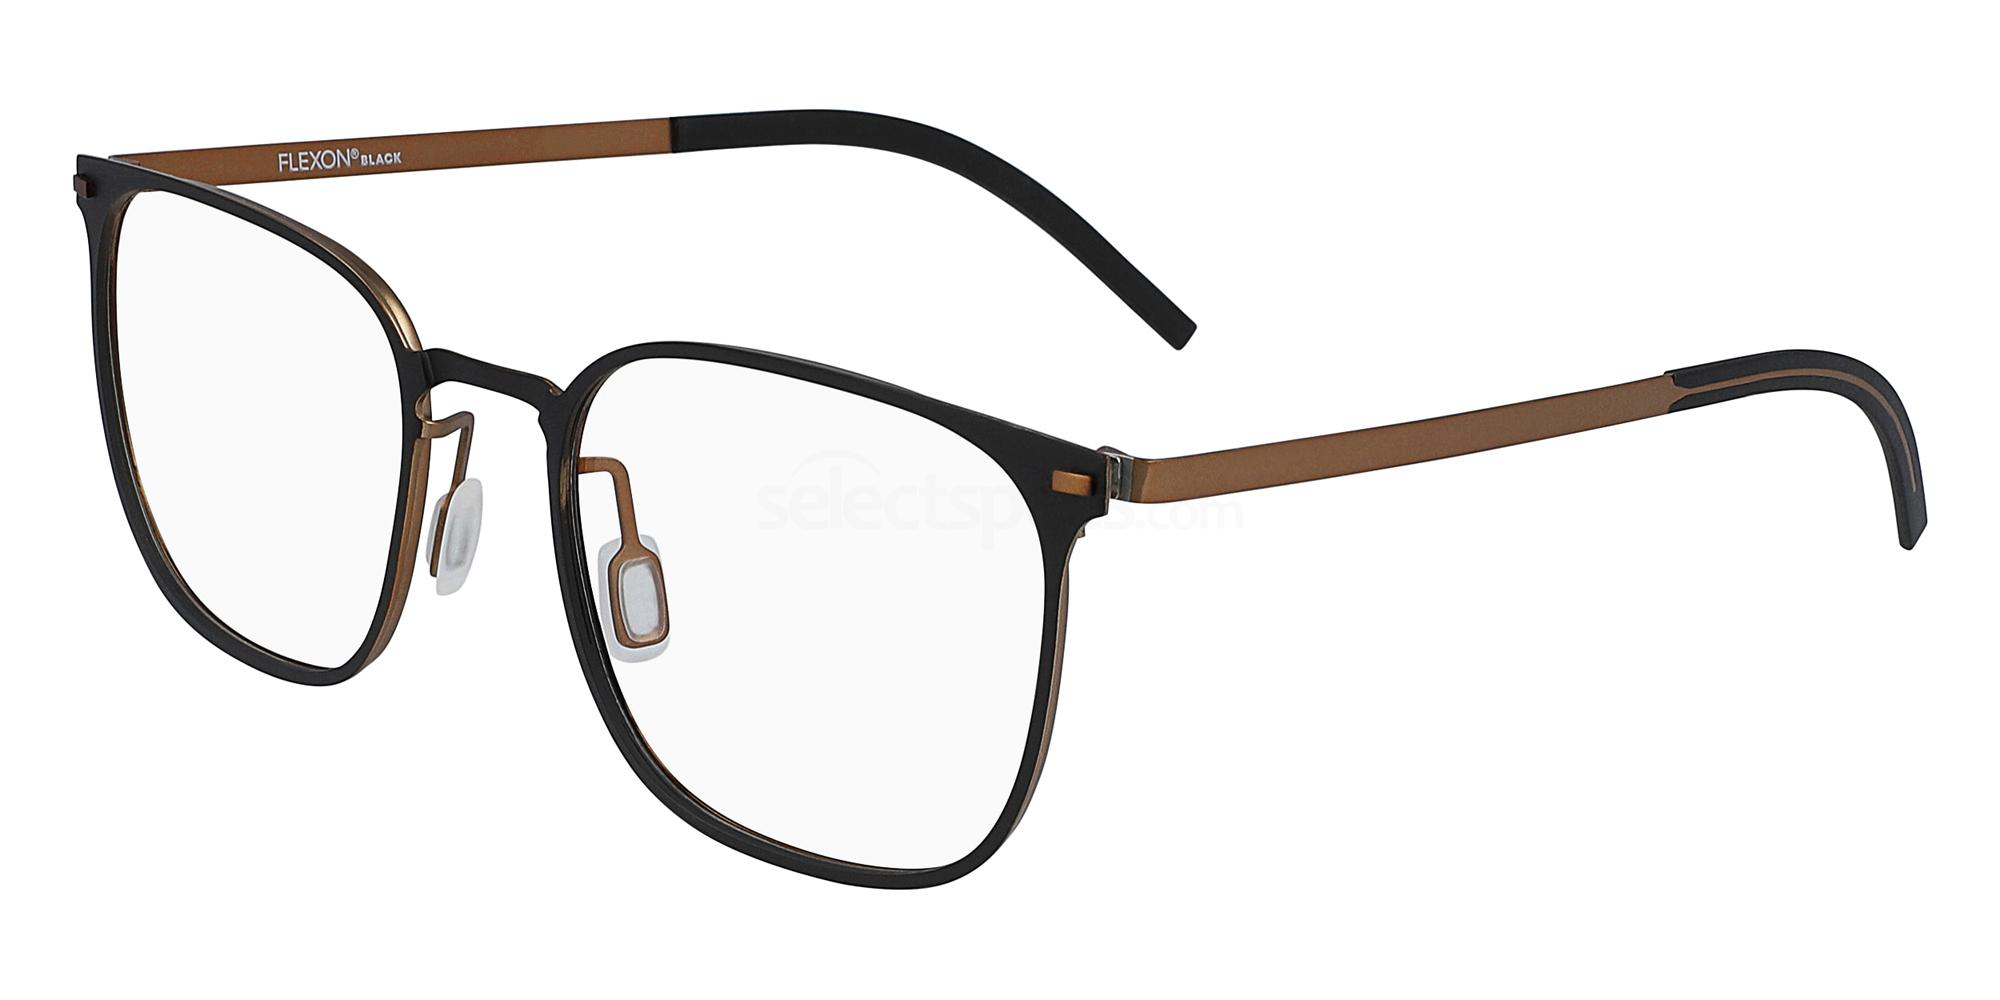 001 FLEXON B2029 Glasses, Flexon